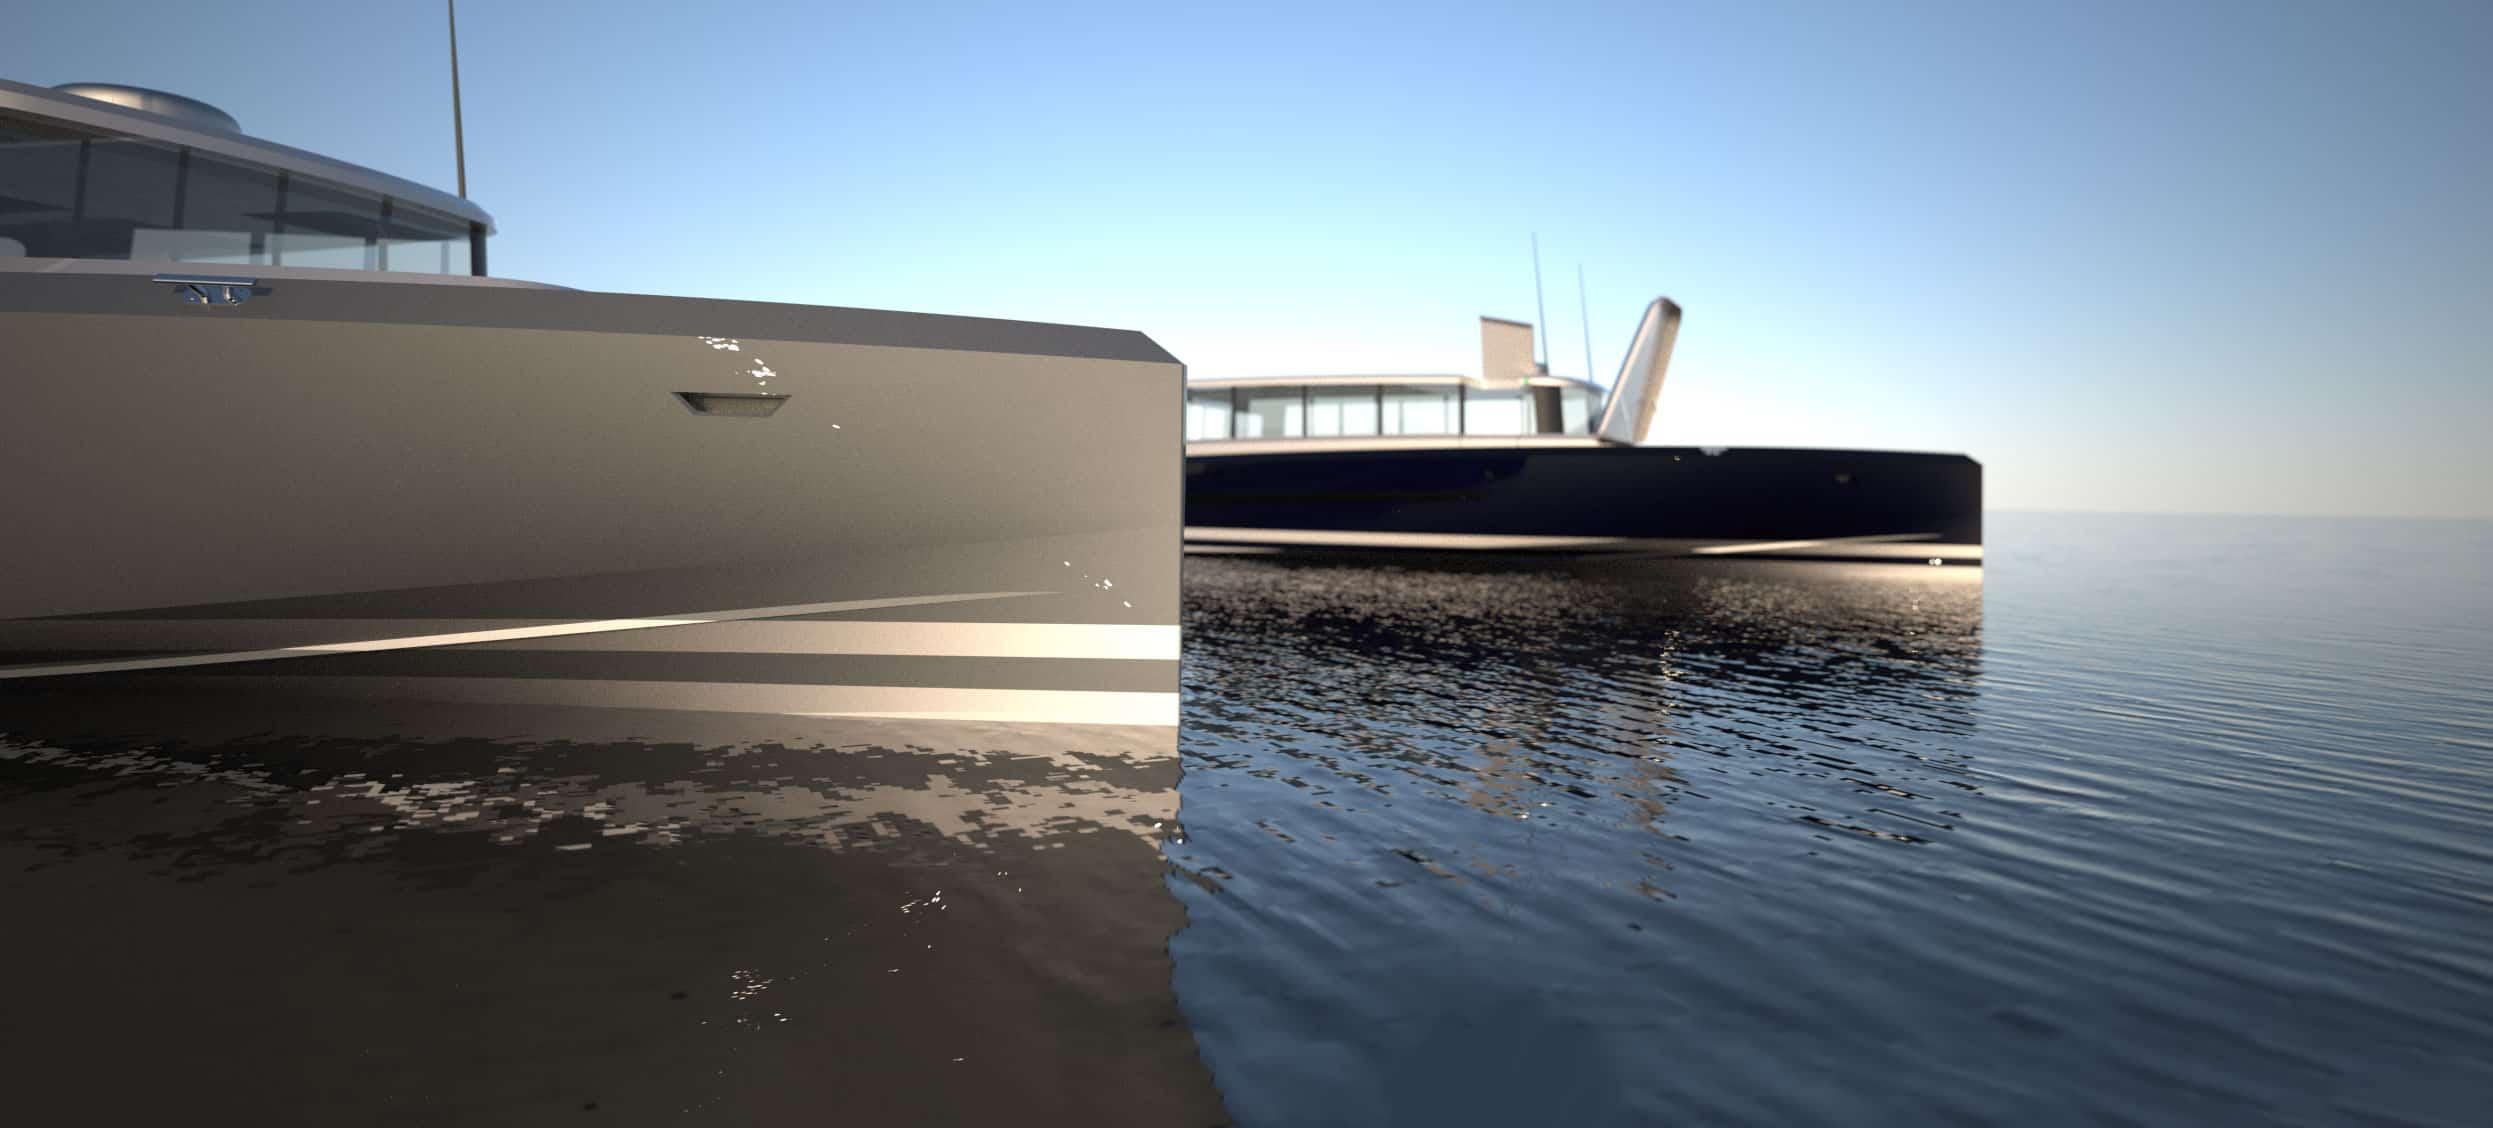 Electric shuttle boat SoelCruiser by Soel Yachts